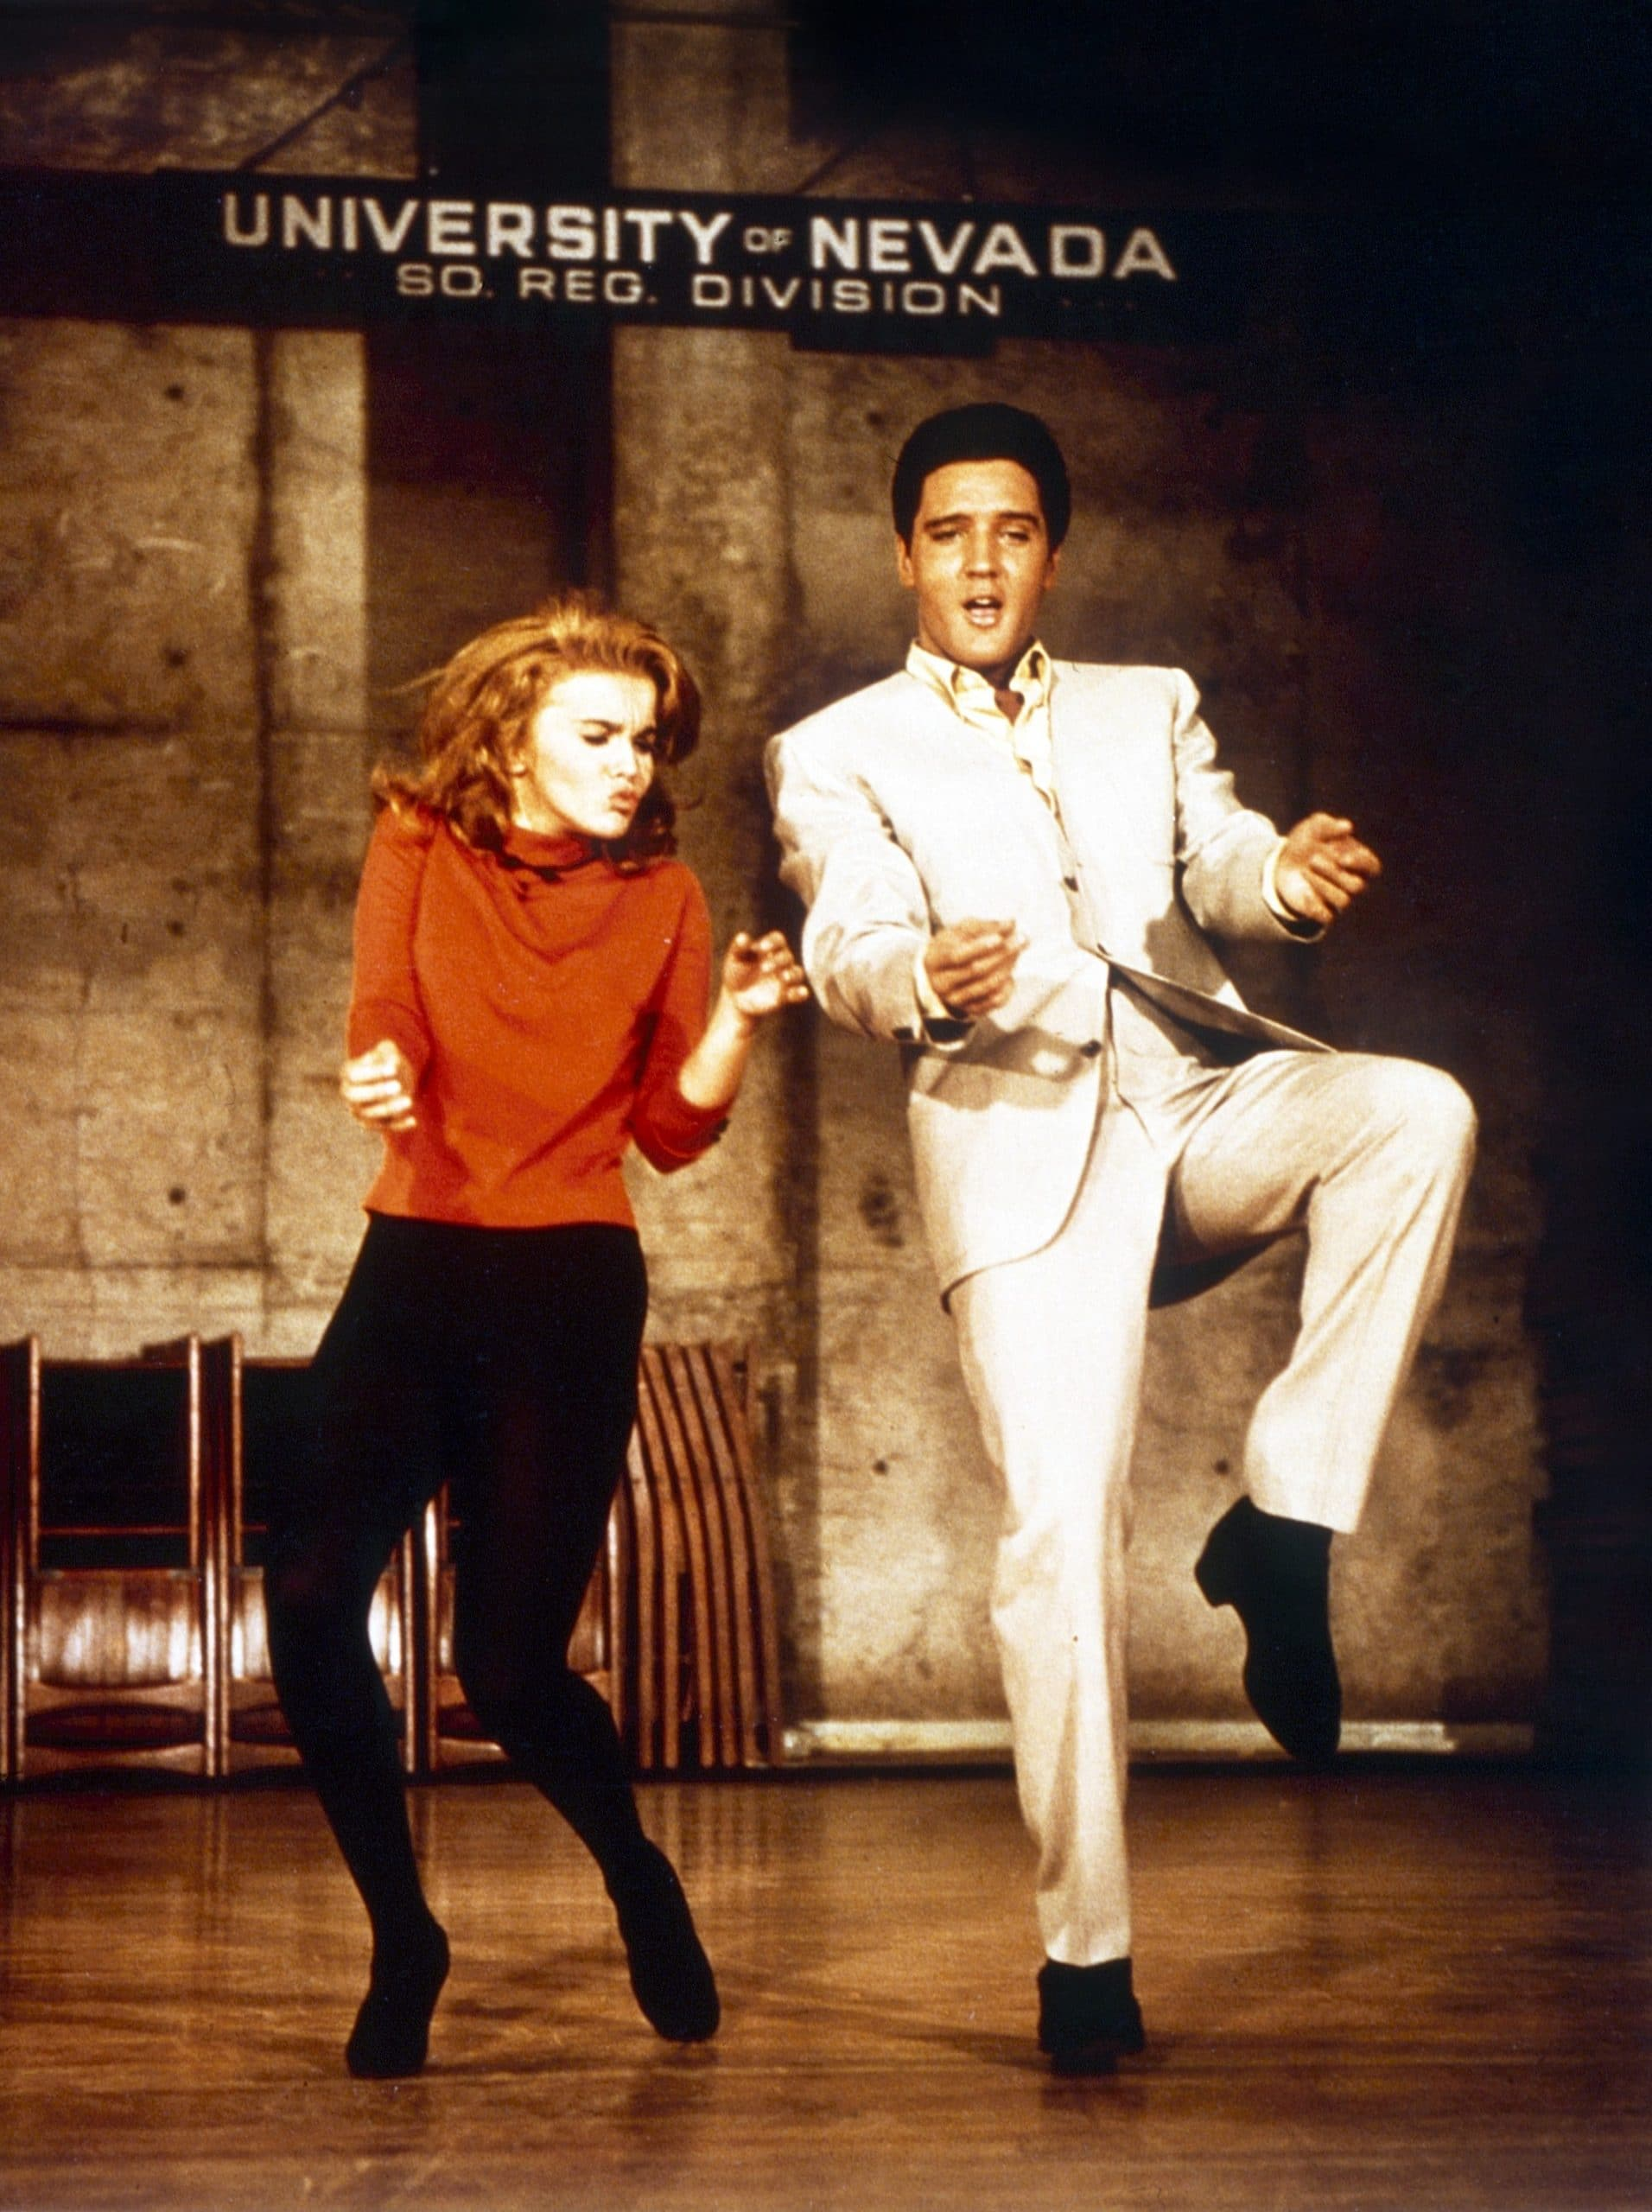 VIVA LAS VEGAS, from left: Ann-Margret, Elvis Presley, 1964